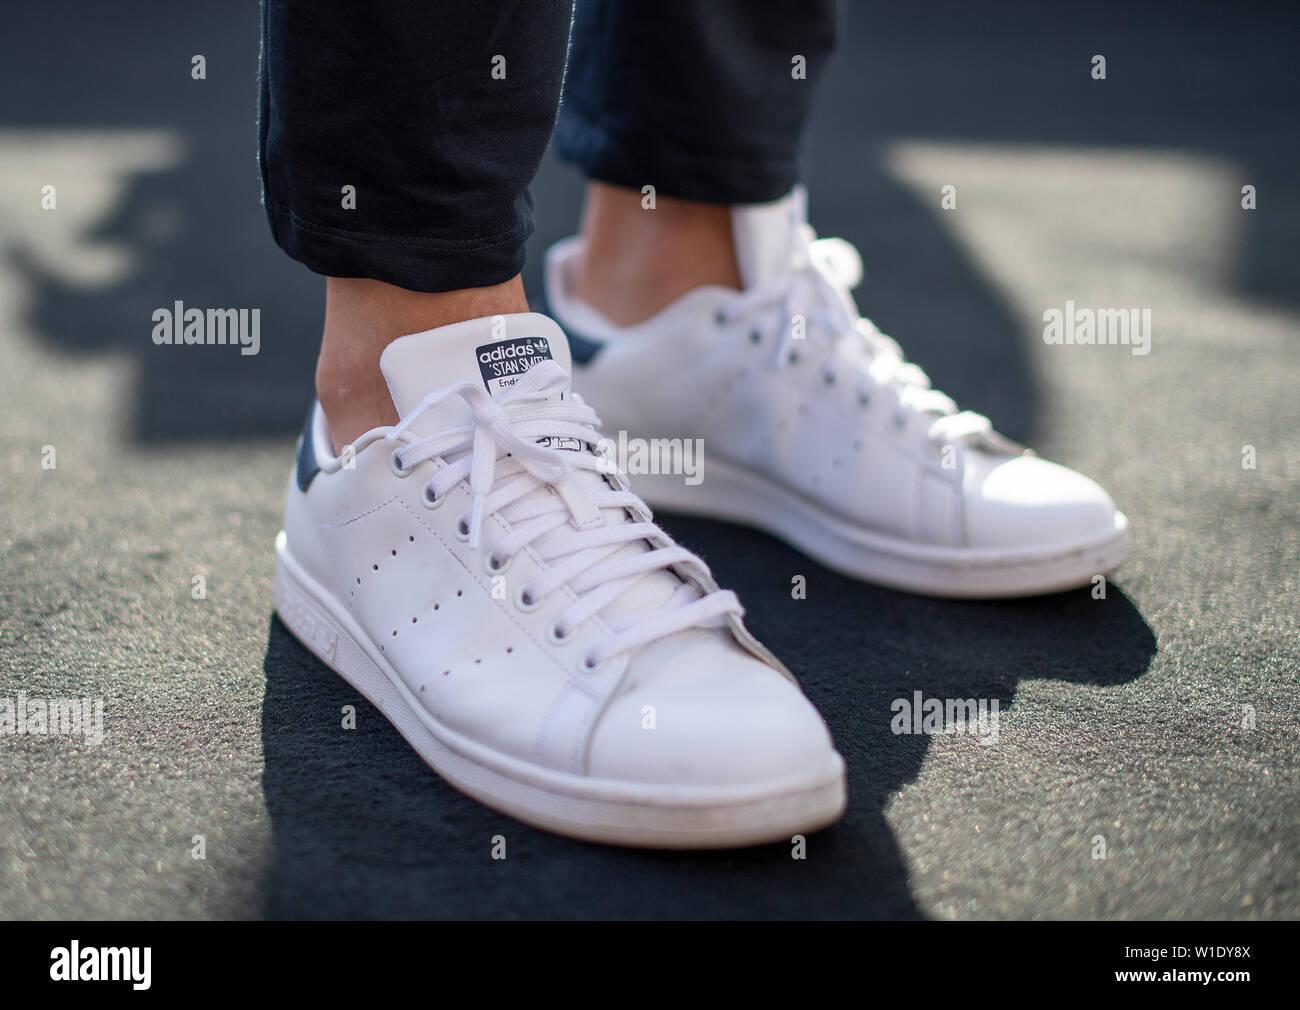 adidas berlin zapatillas